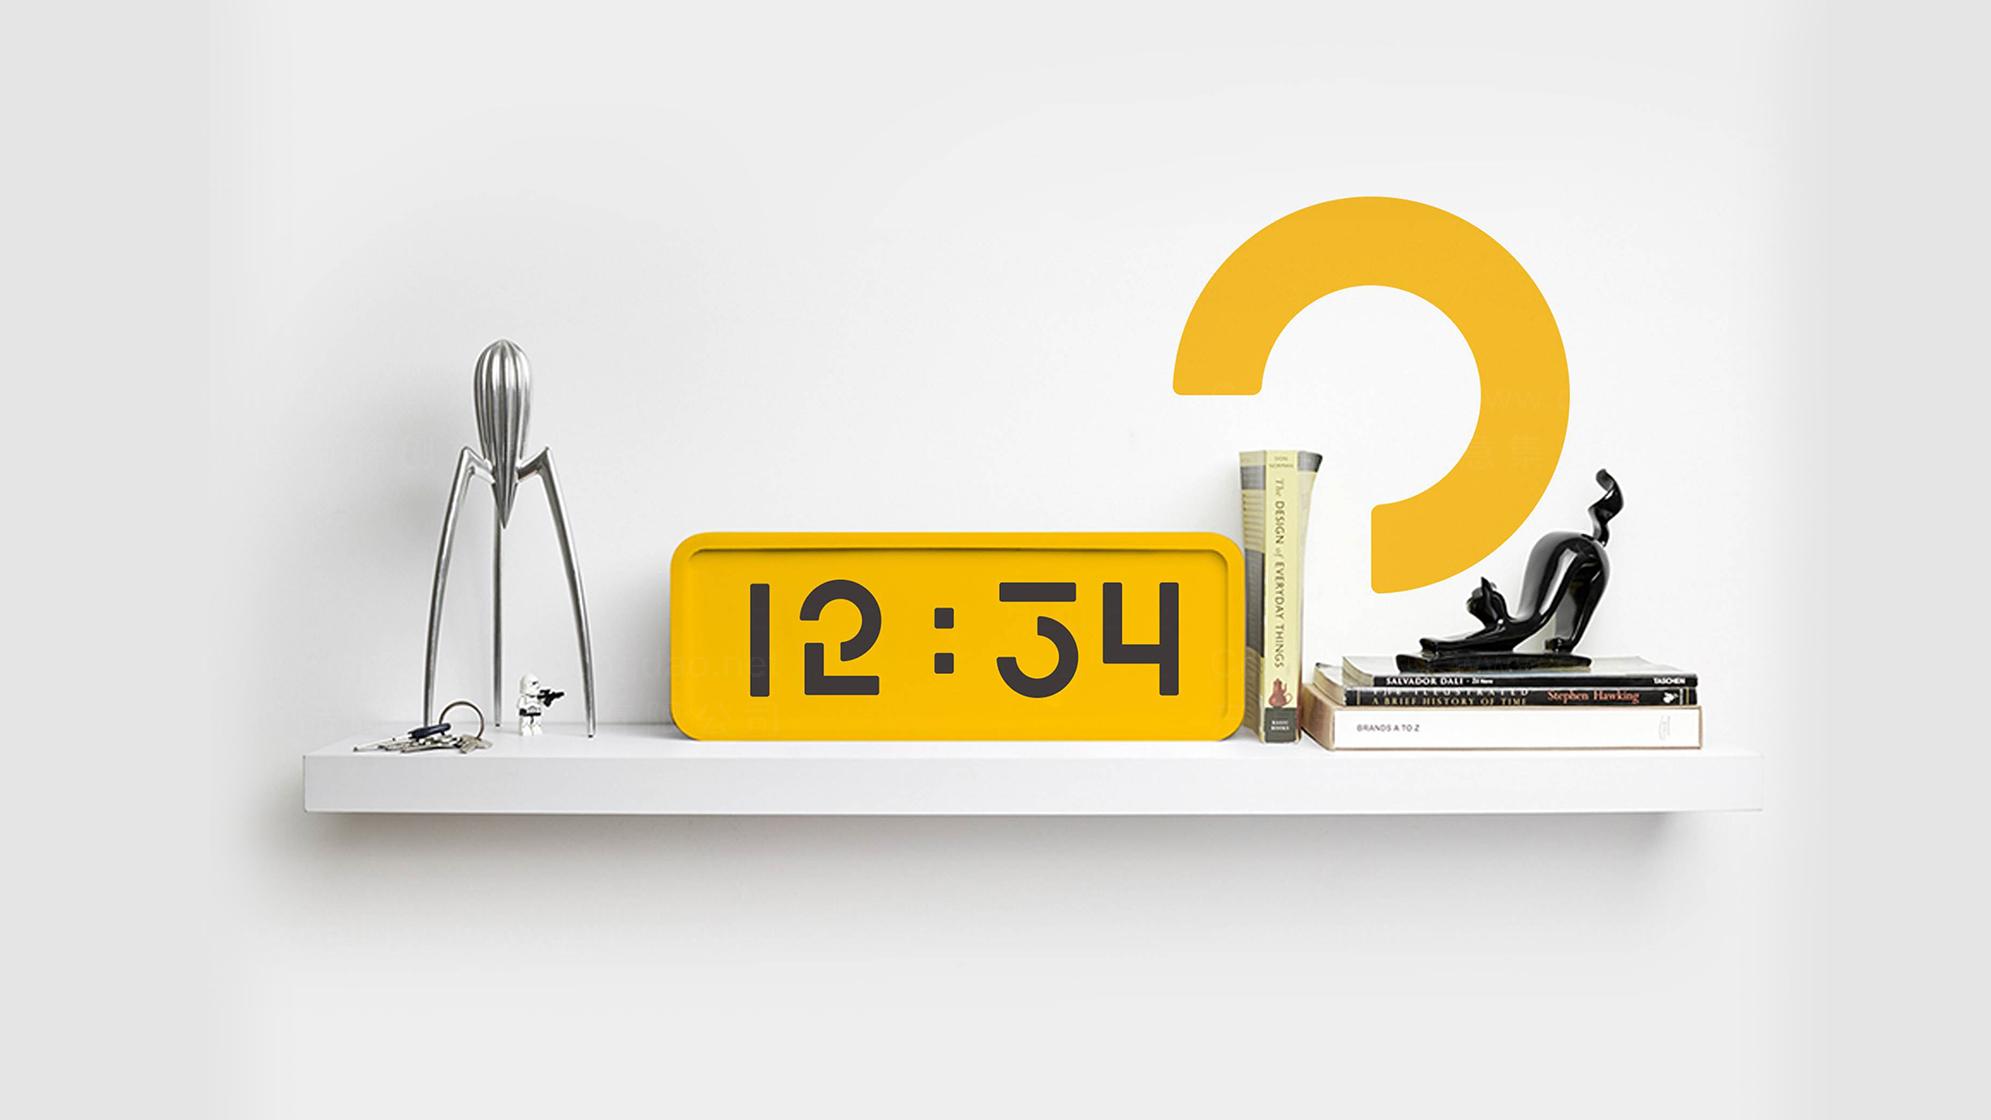 品牌设计37度公寓LOGO&VI设计应用场景_6